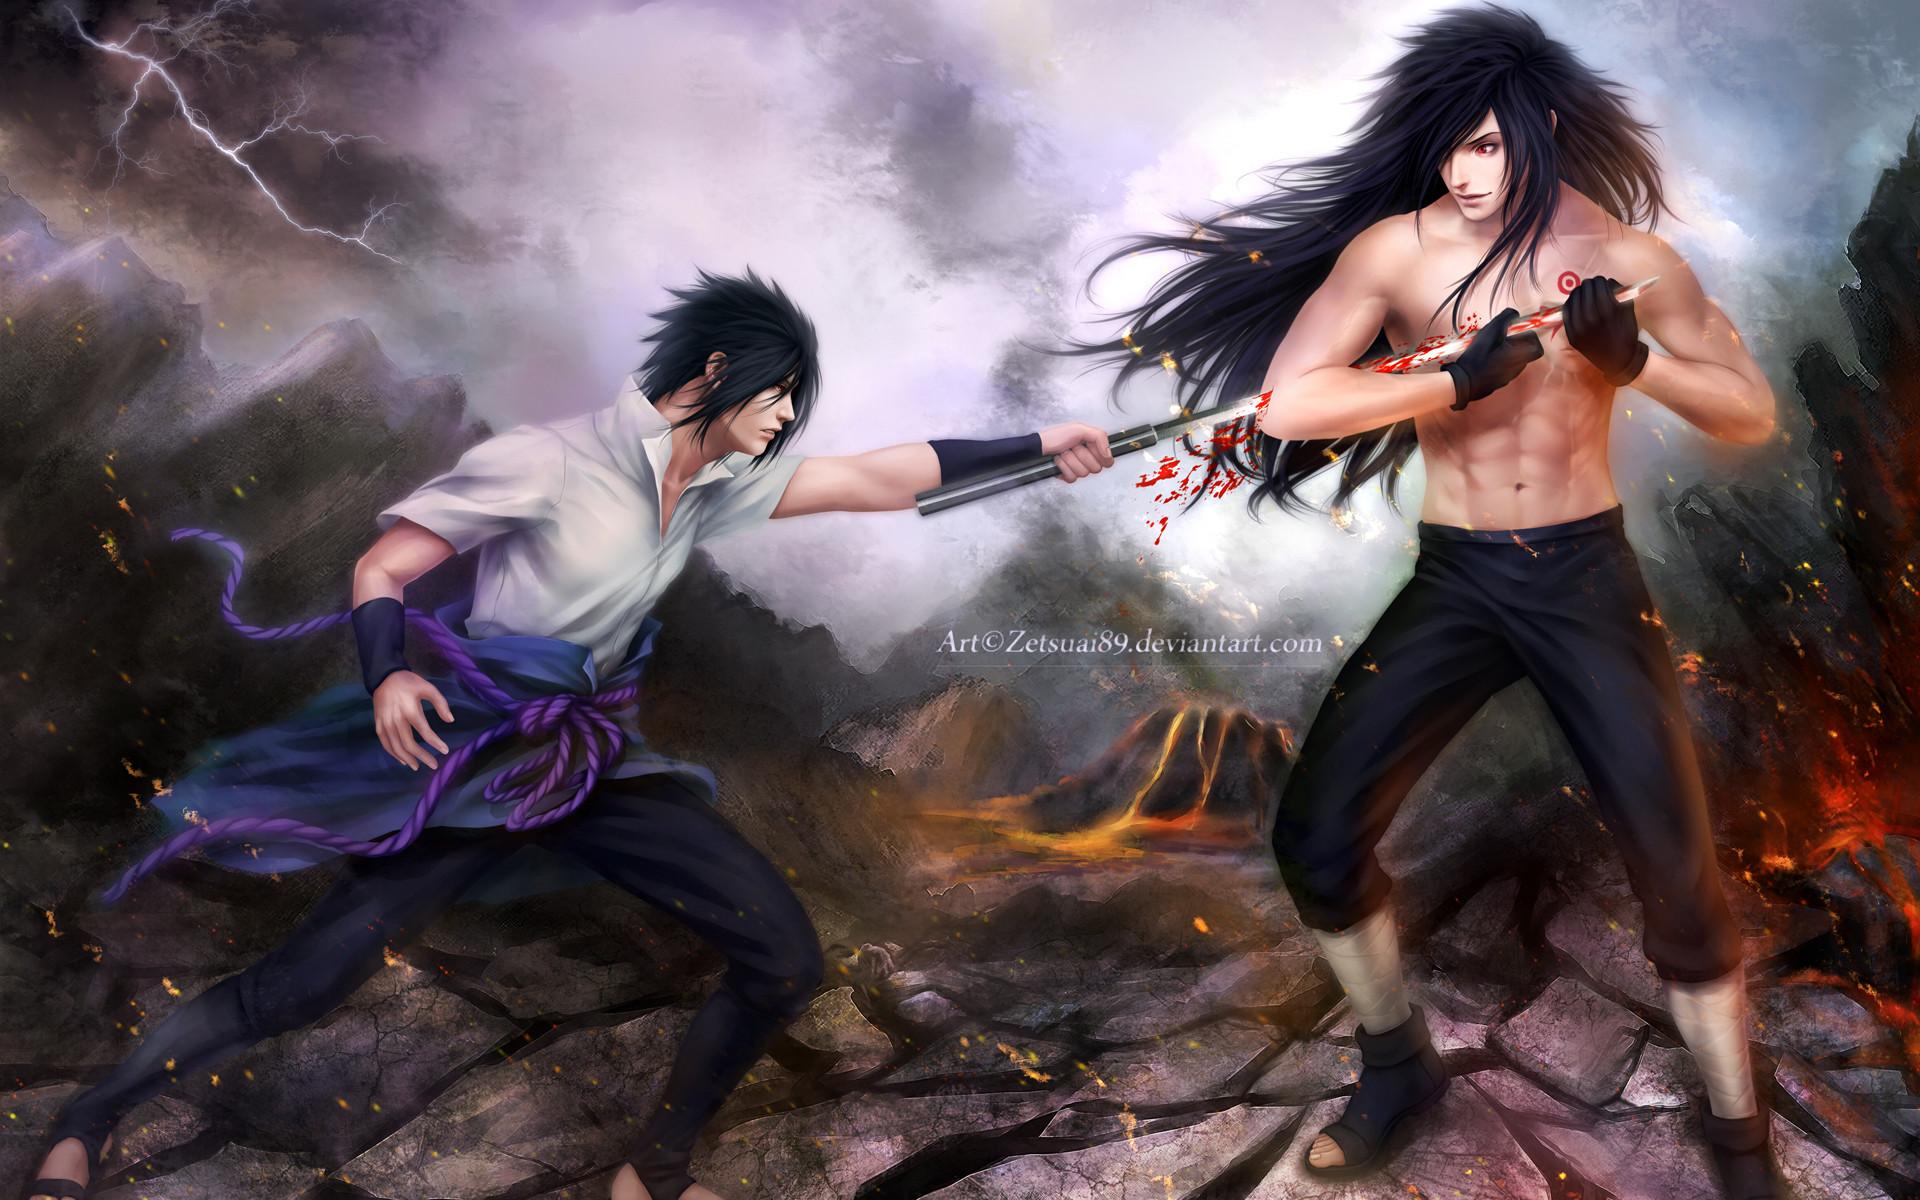 madara uchiha vs sasuke uchiha fighting anime hd wallpaper full .